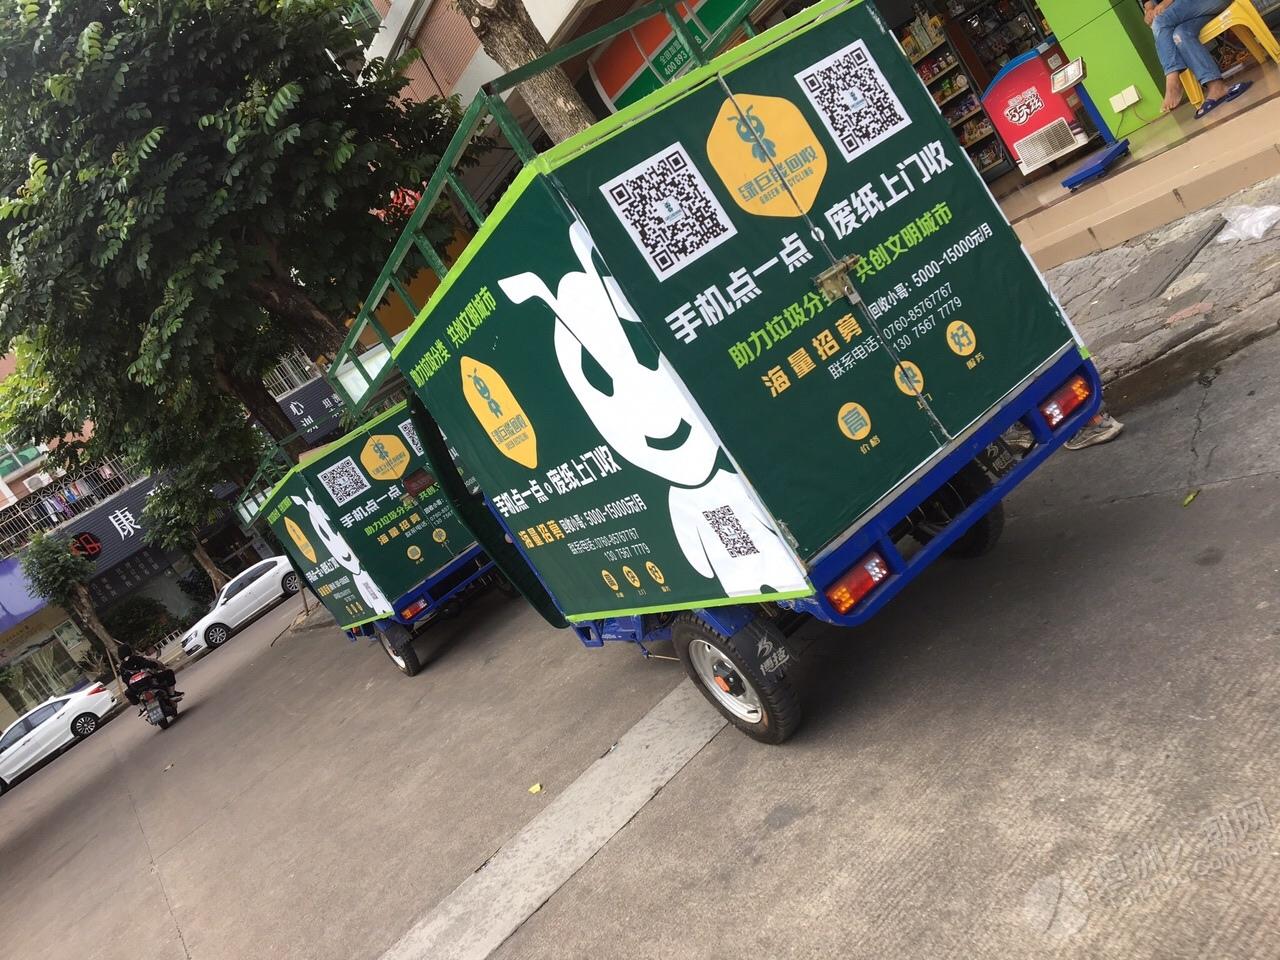 坦洲又一新奇行业:废纸回收互联网+